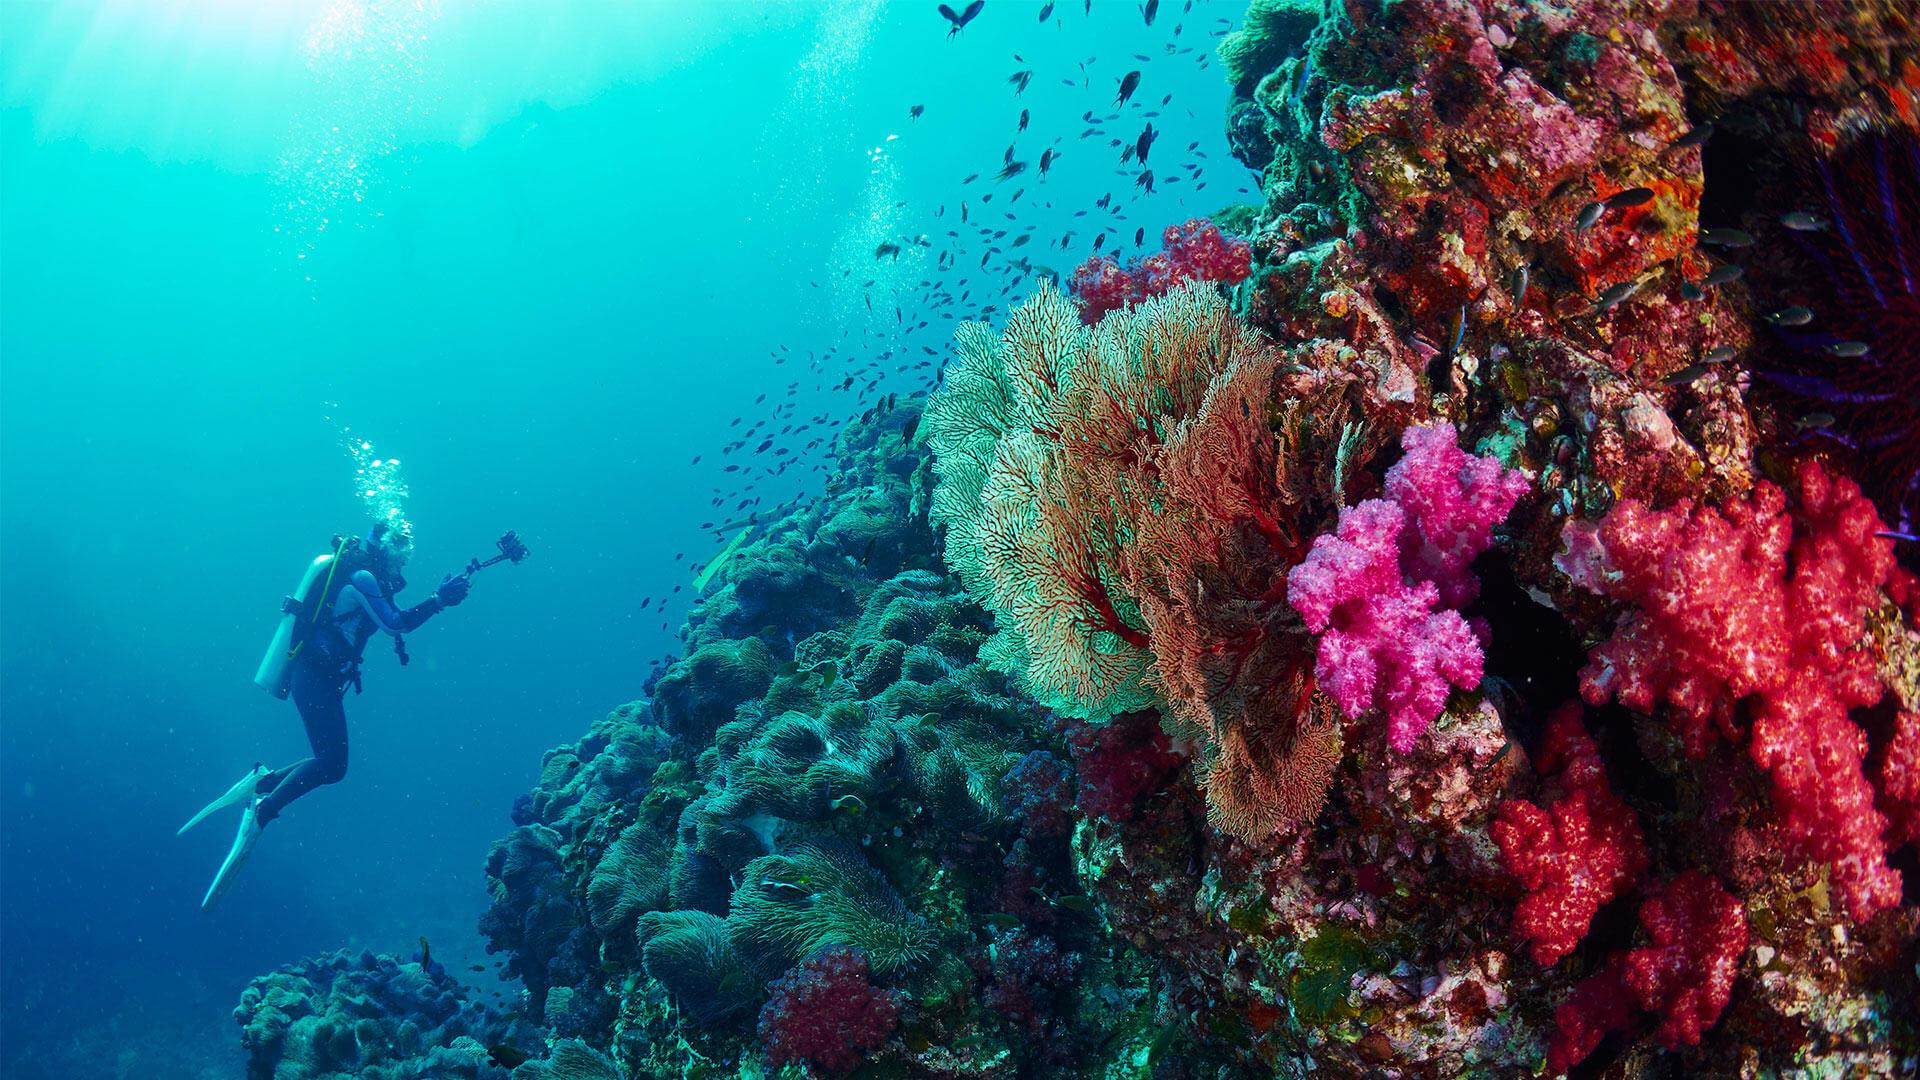 Similan islands dive sites the best diving in thailand - Dive dive dive ...